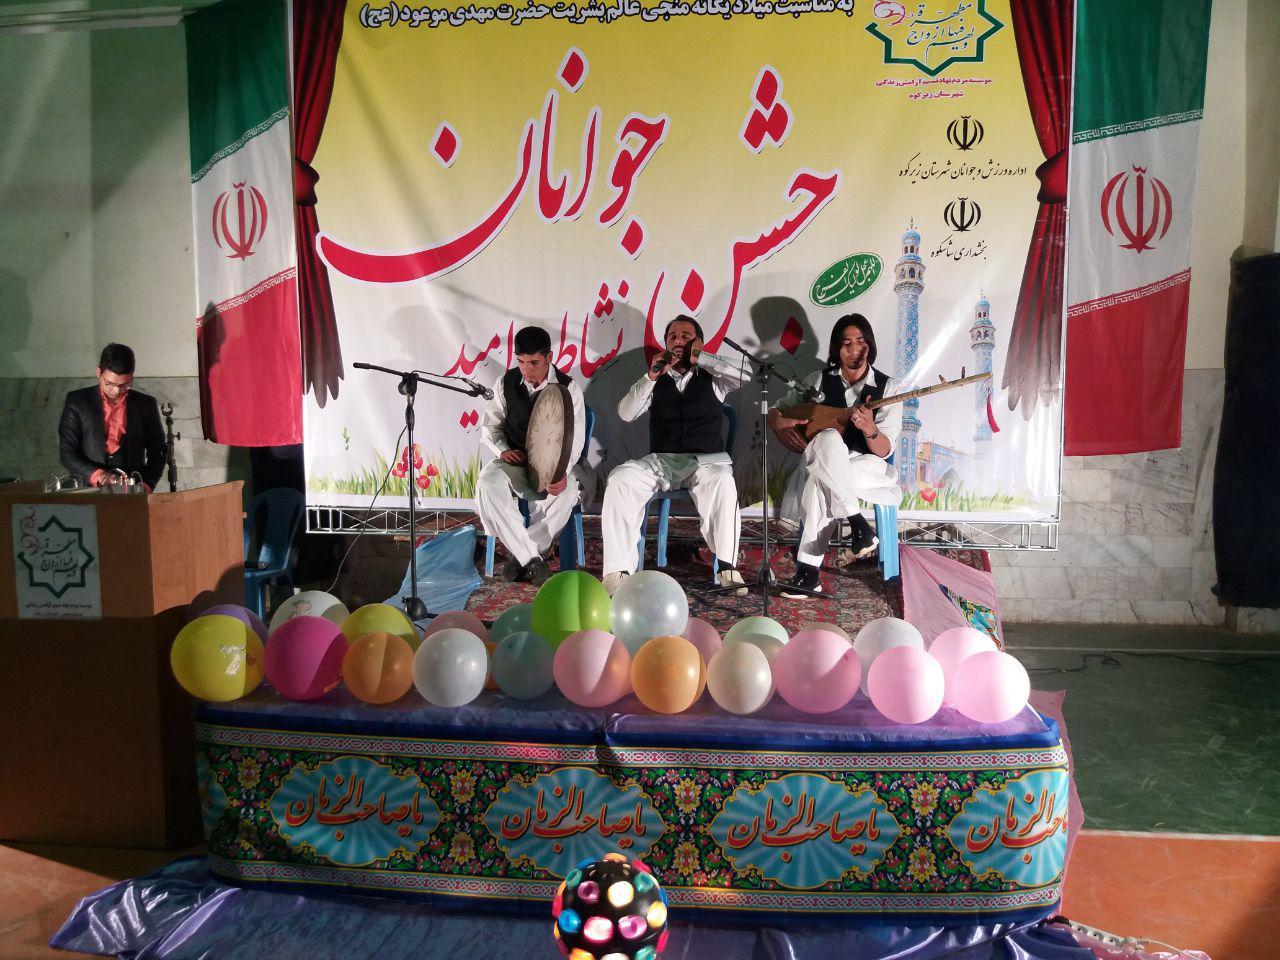 جشن بزرگ نشاط و اميد جوانان در آبيز همزمان با شب ولادت حضرت مهدي (عج)